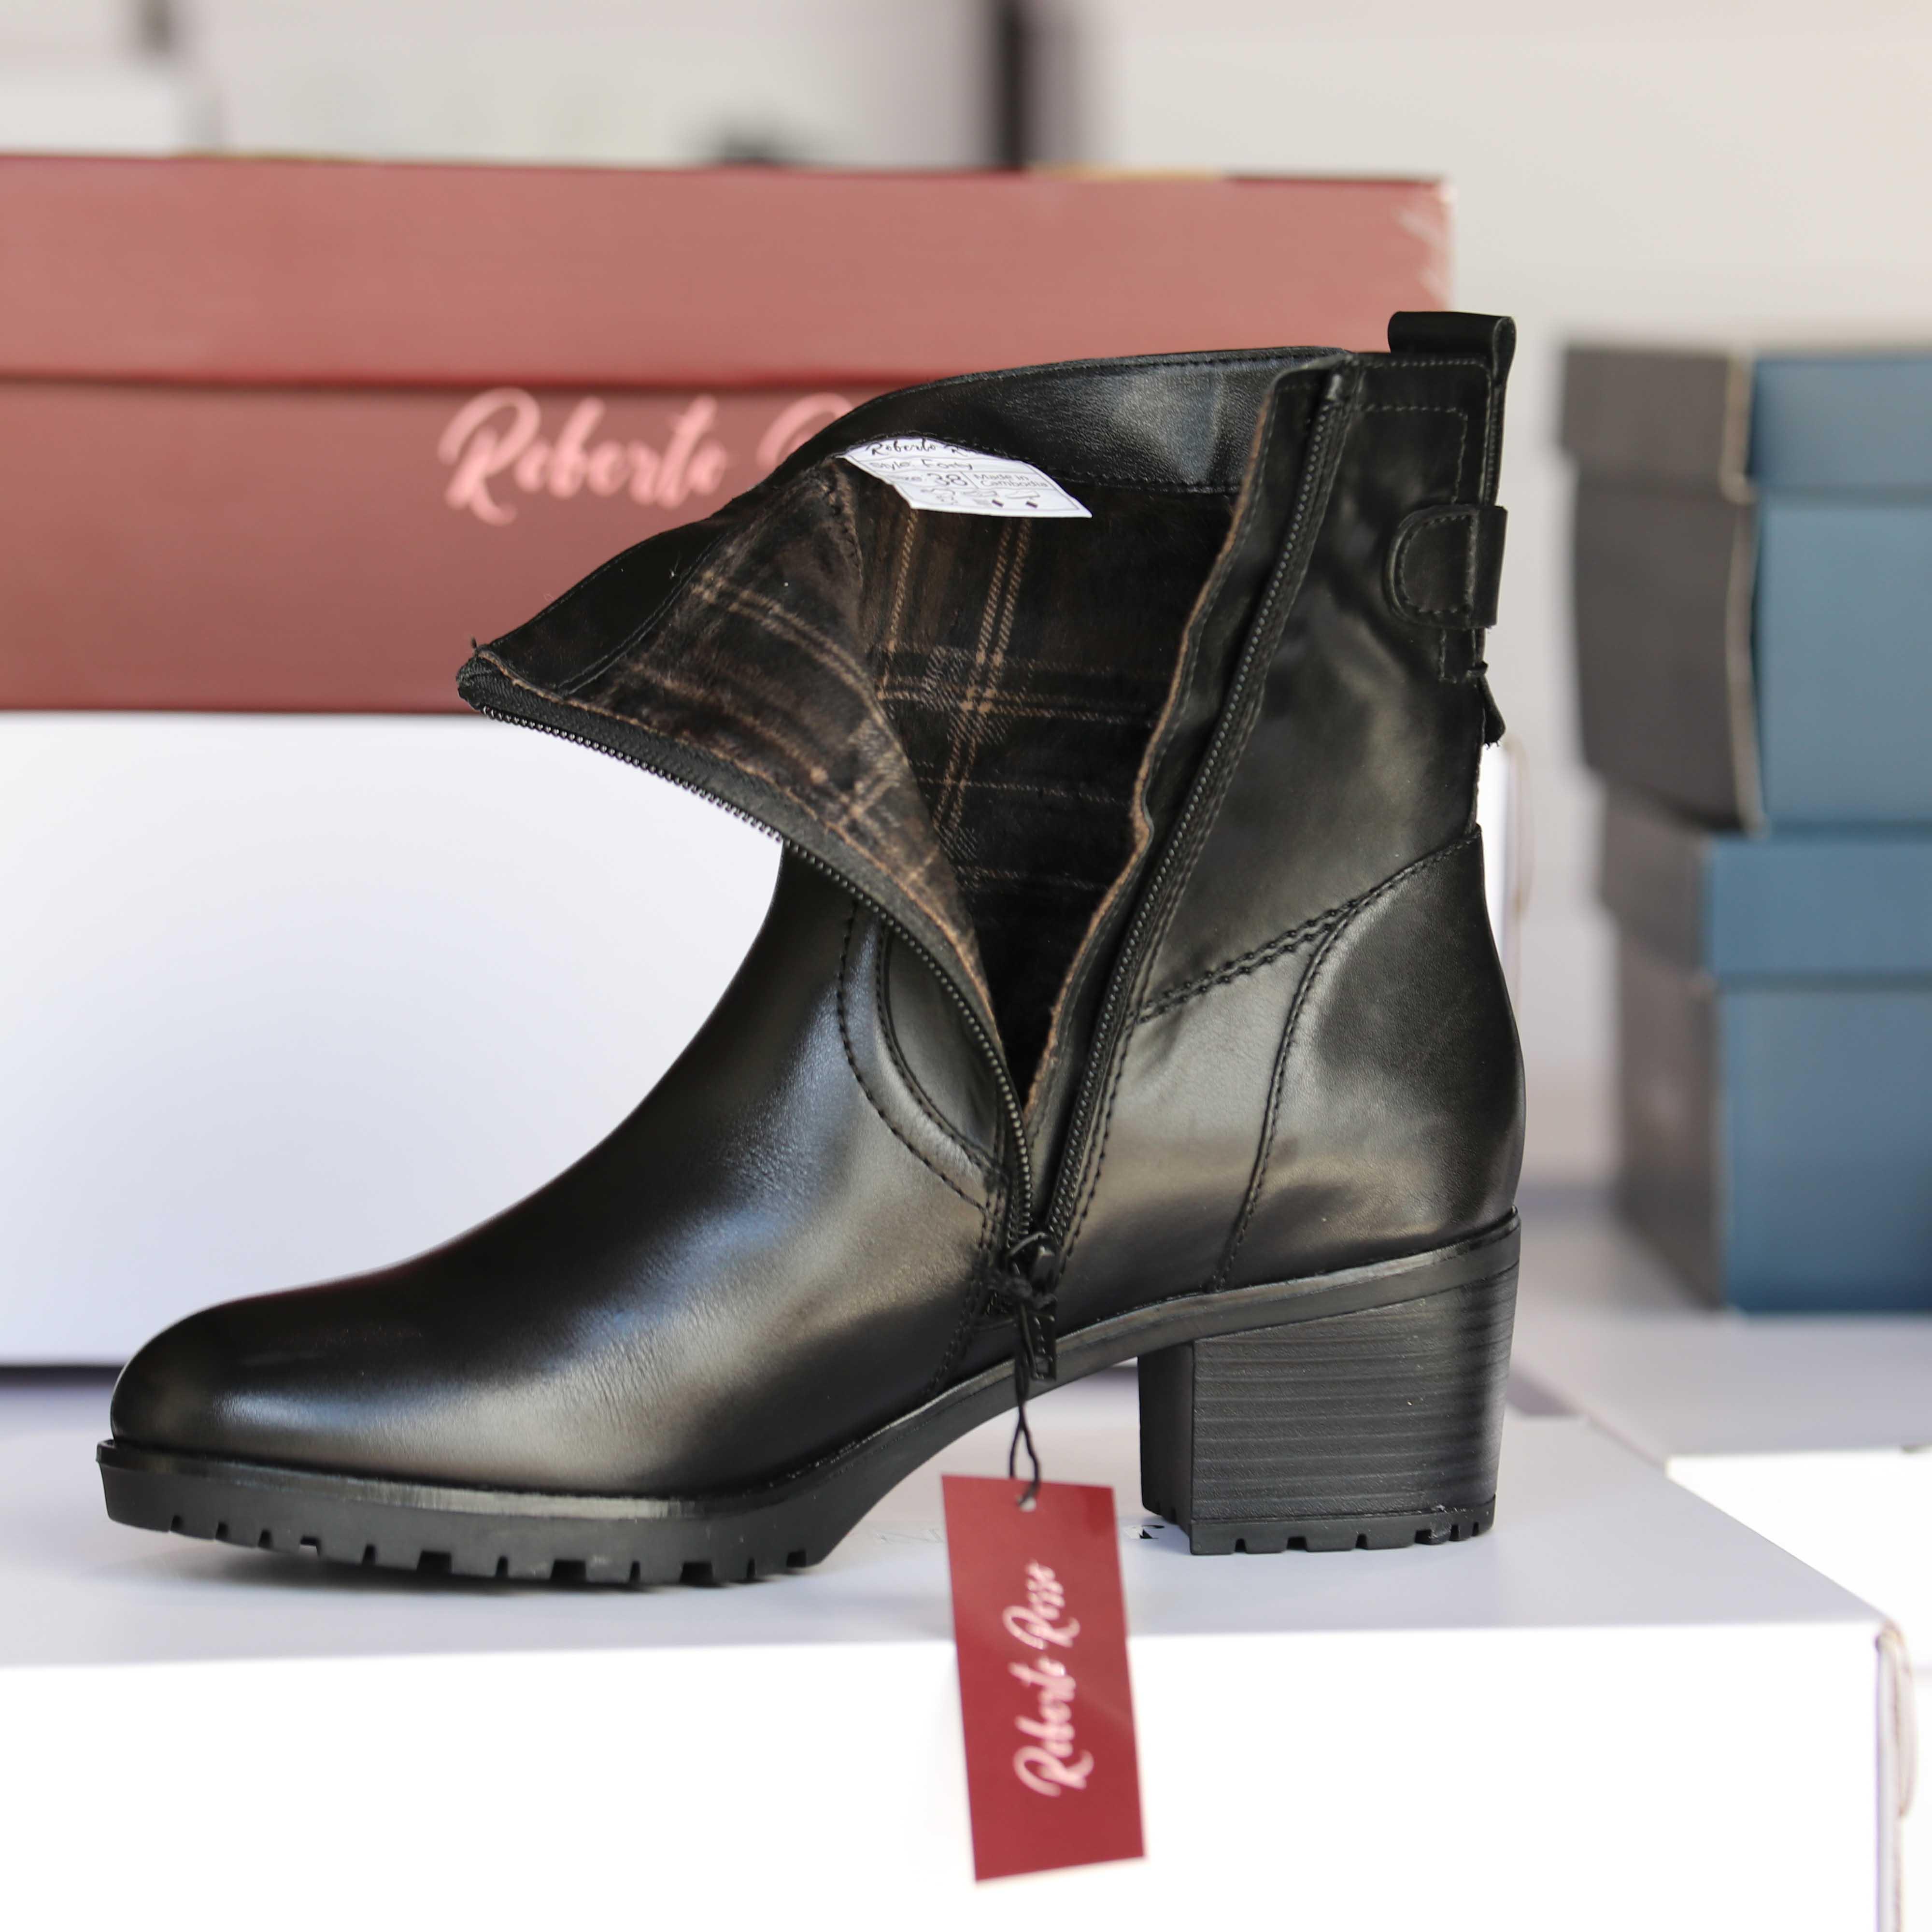 roberto rosso – forty sort skoletter dame høst6